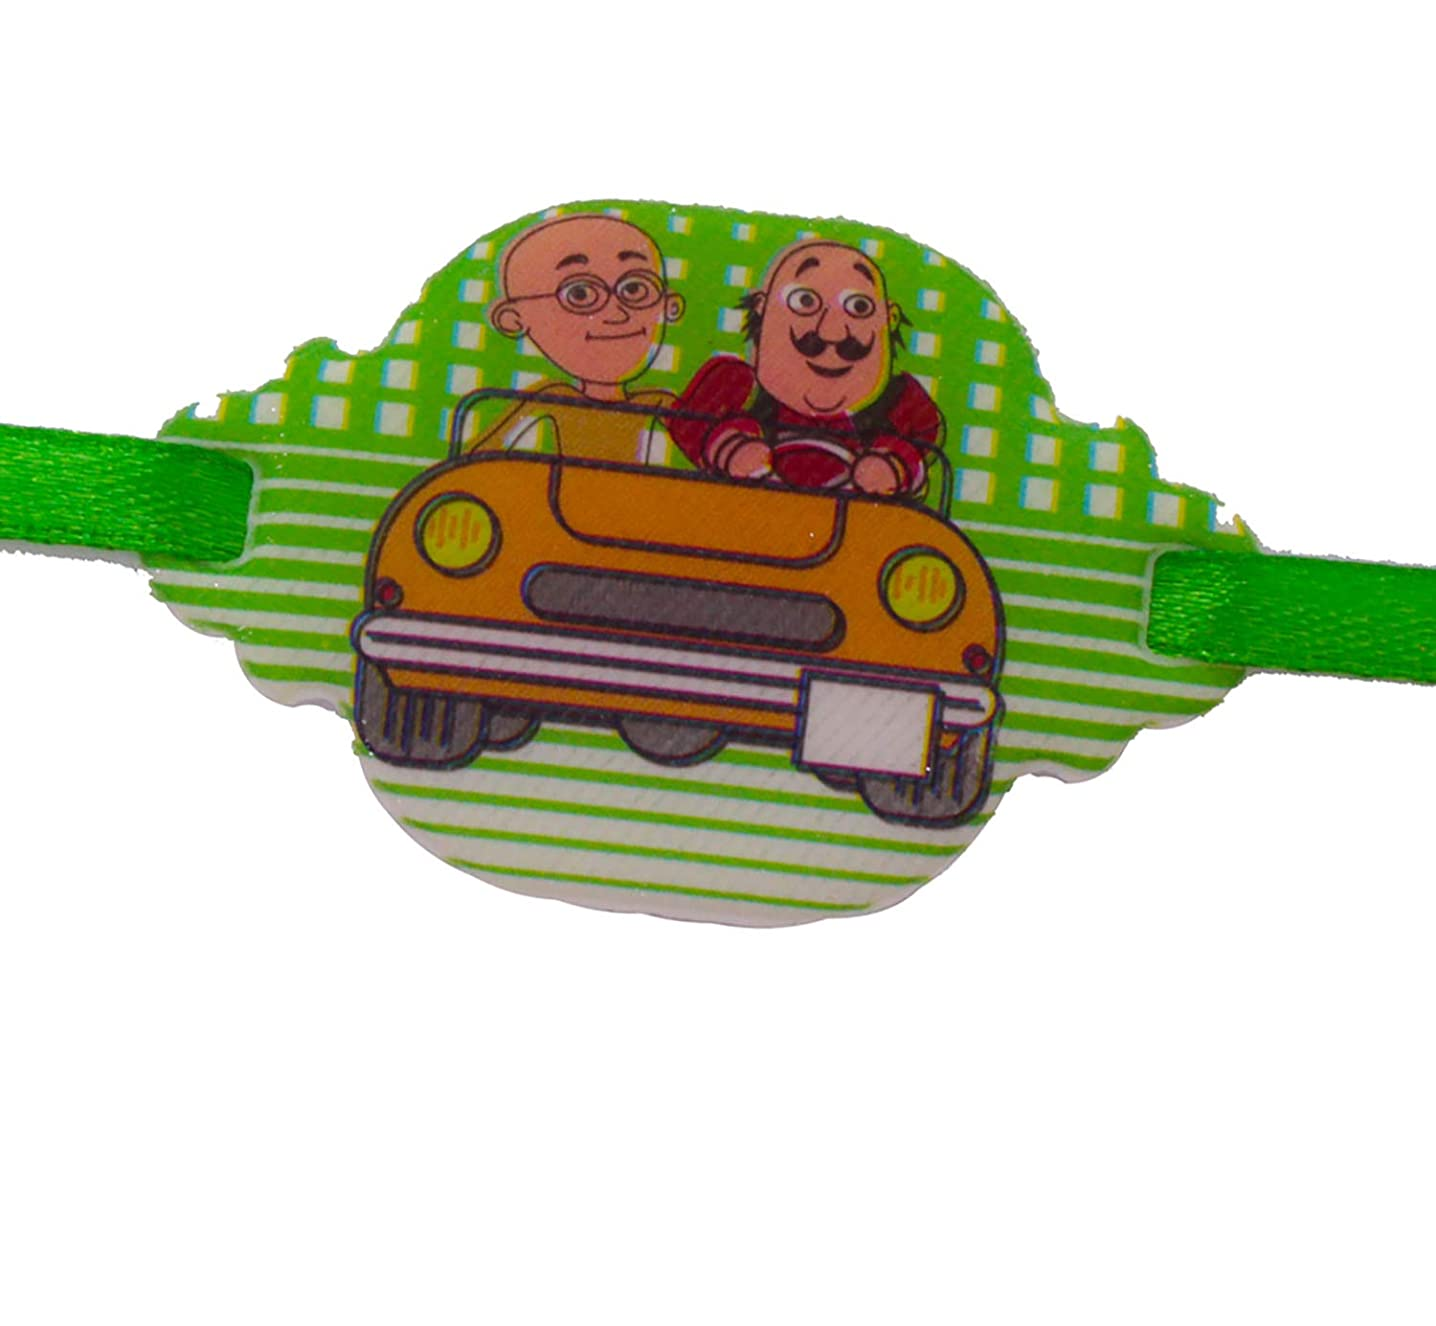 Designer Rakhi Thread bracelet for rakshabandhan for Kids and young boys Best gift